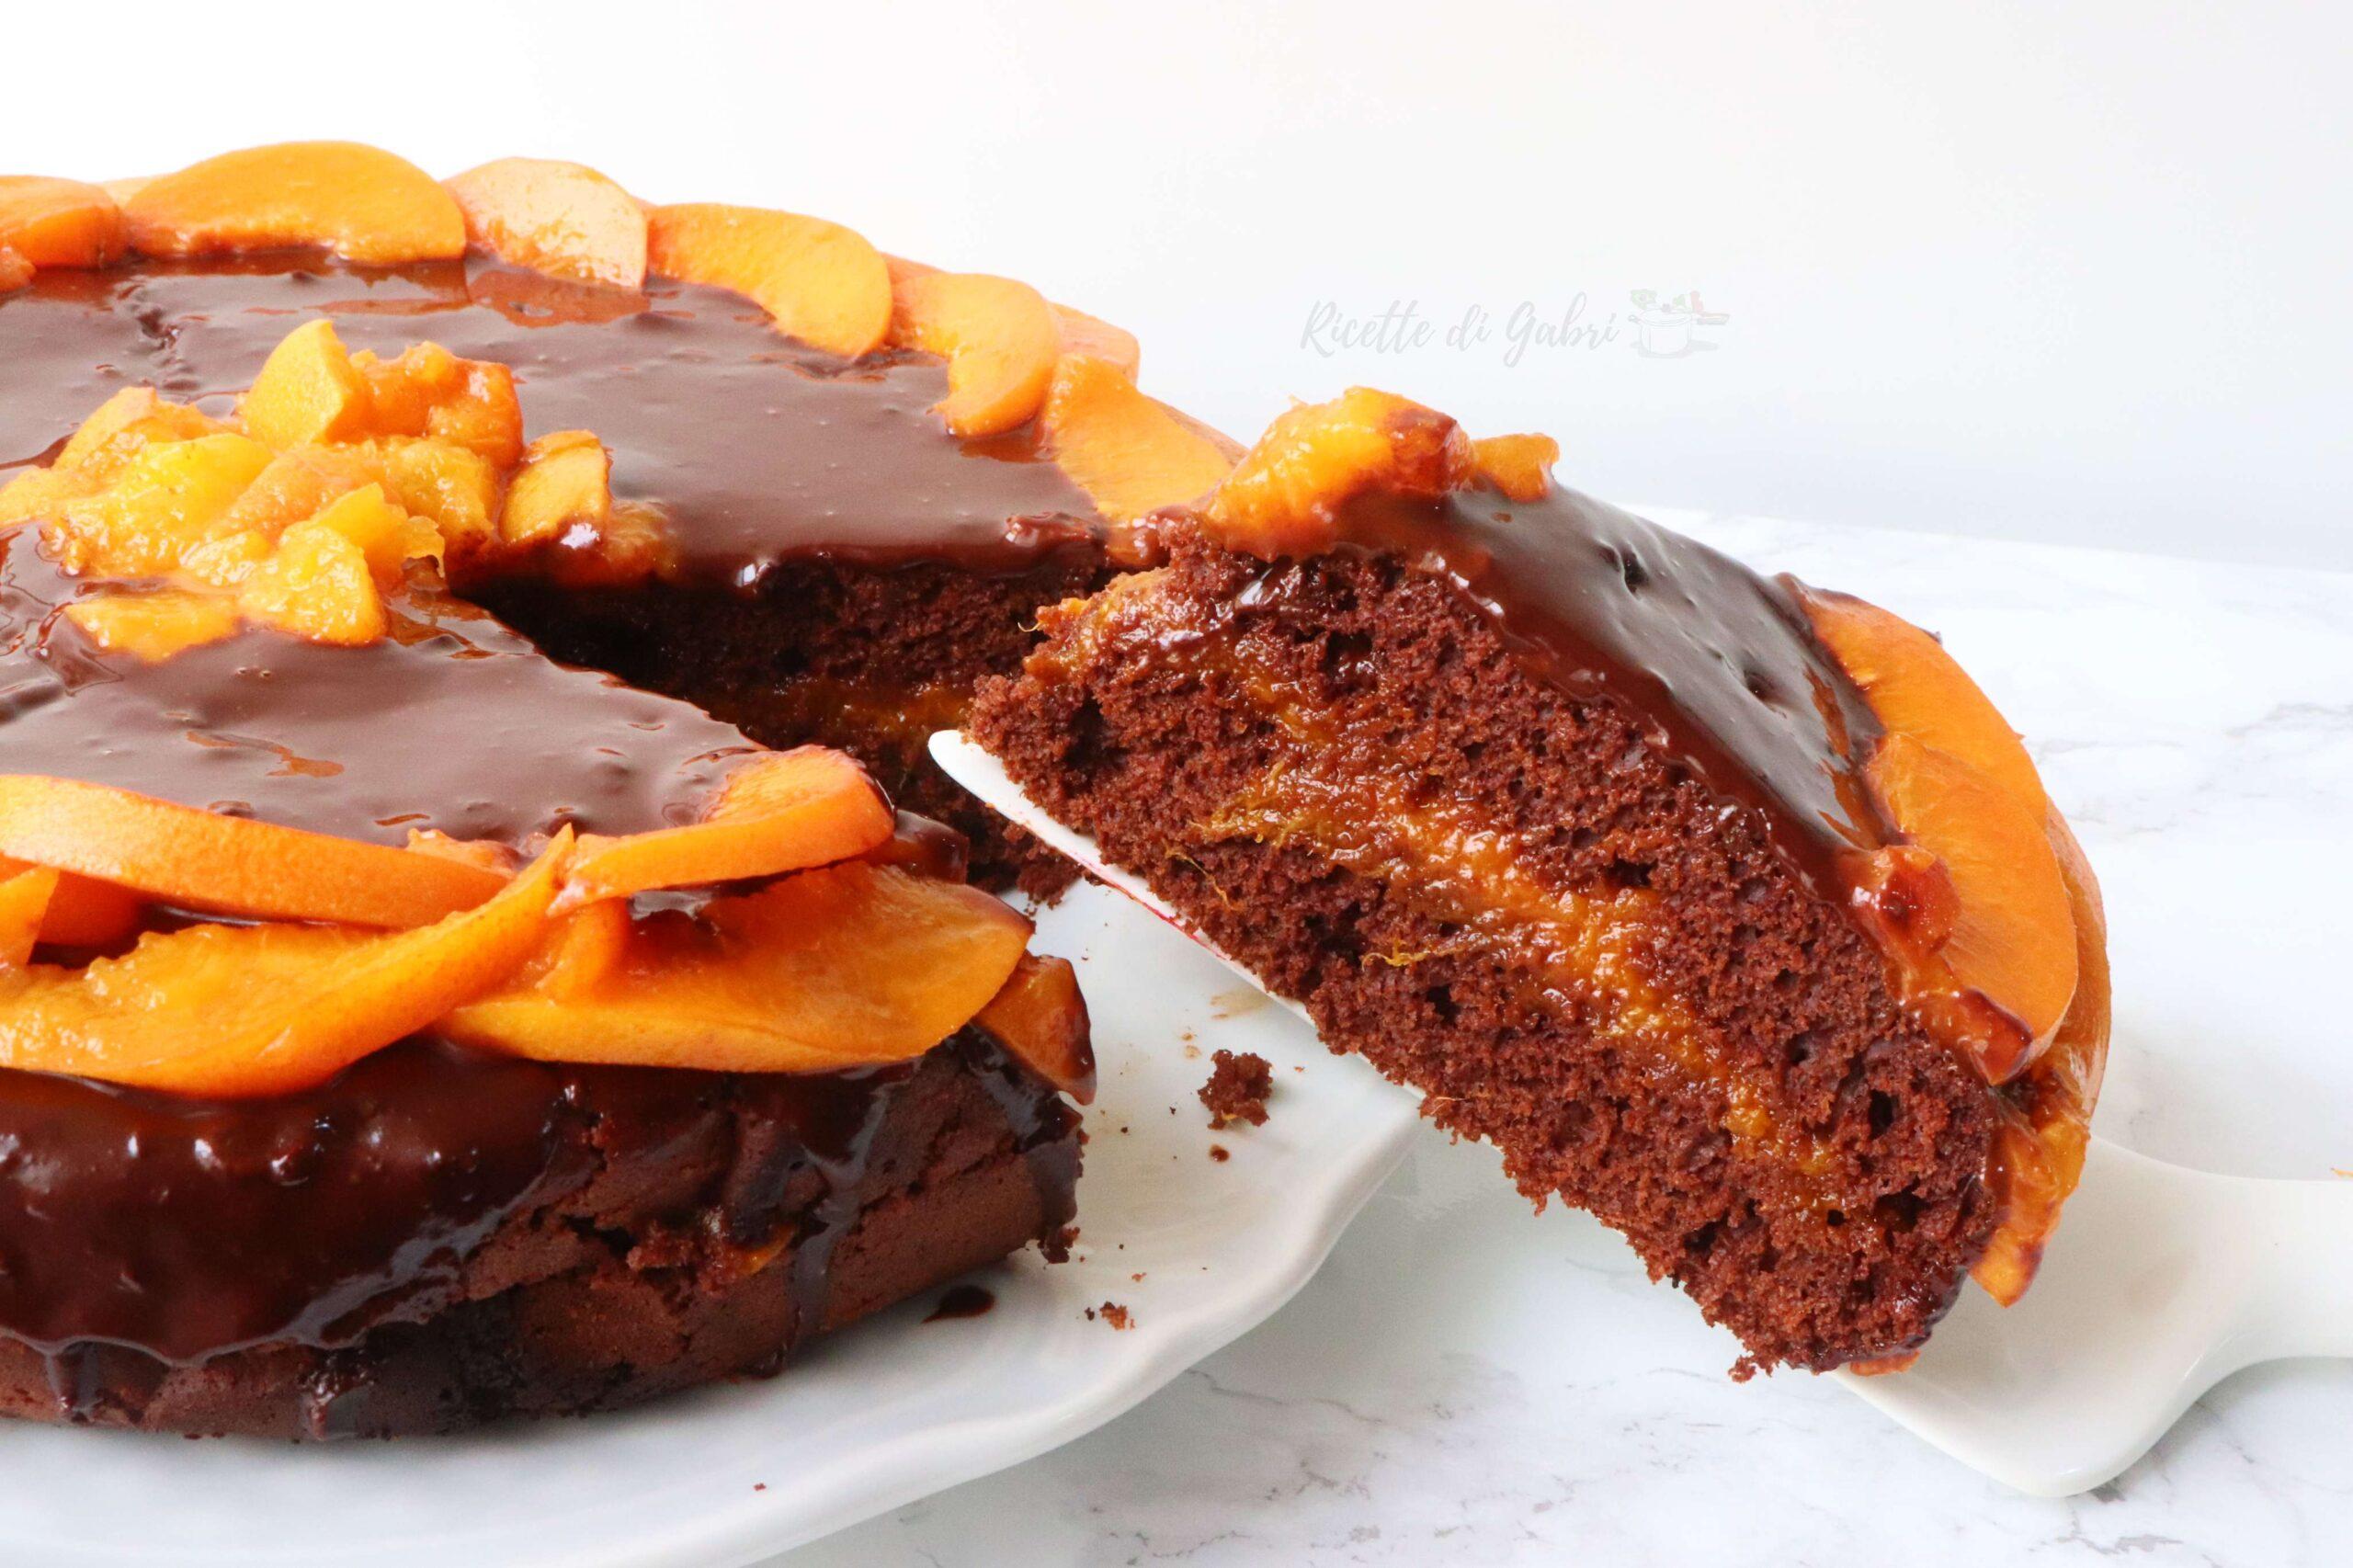 torta cioccolato e albicocche cotta in padella ricetta facile gabri dolci senza forno